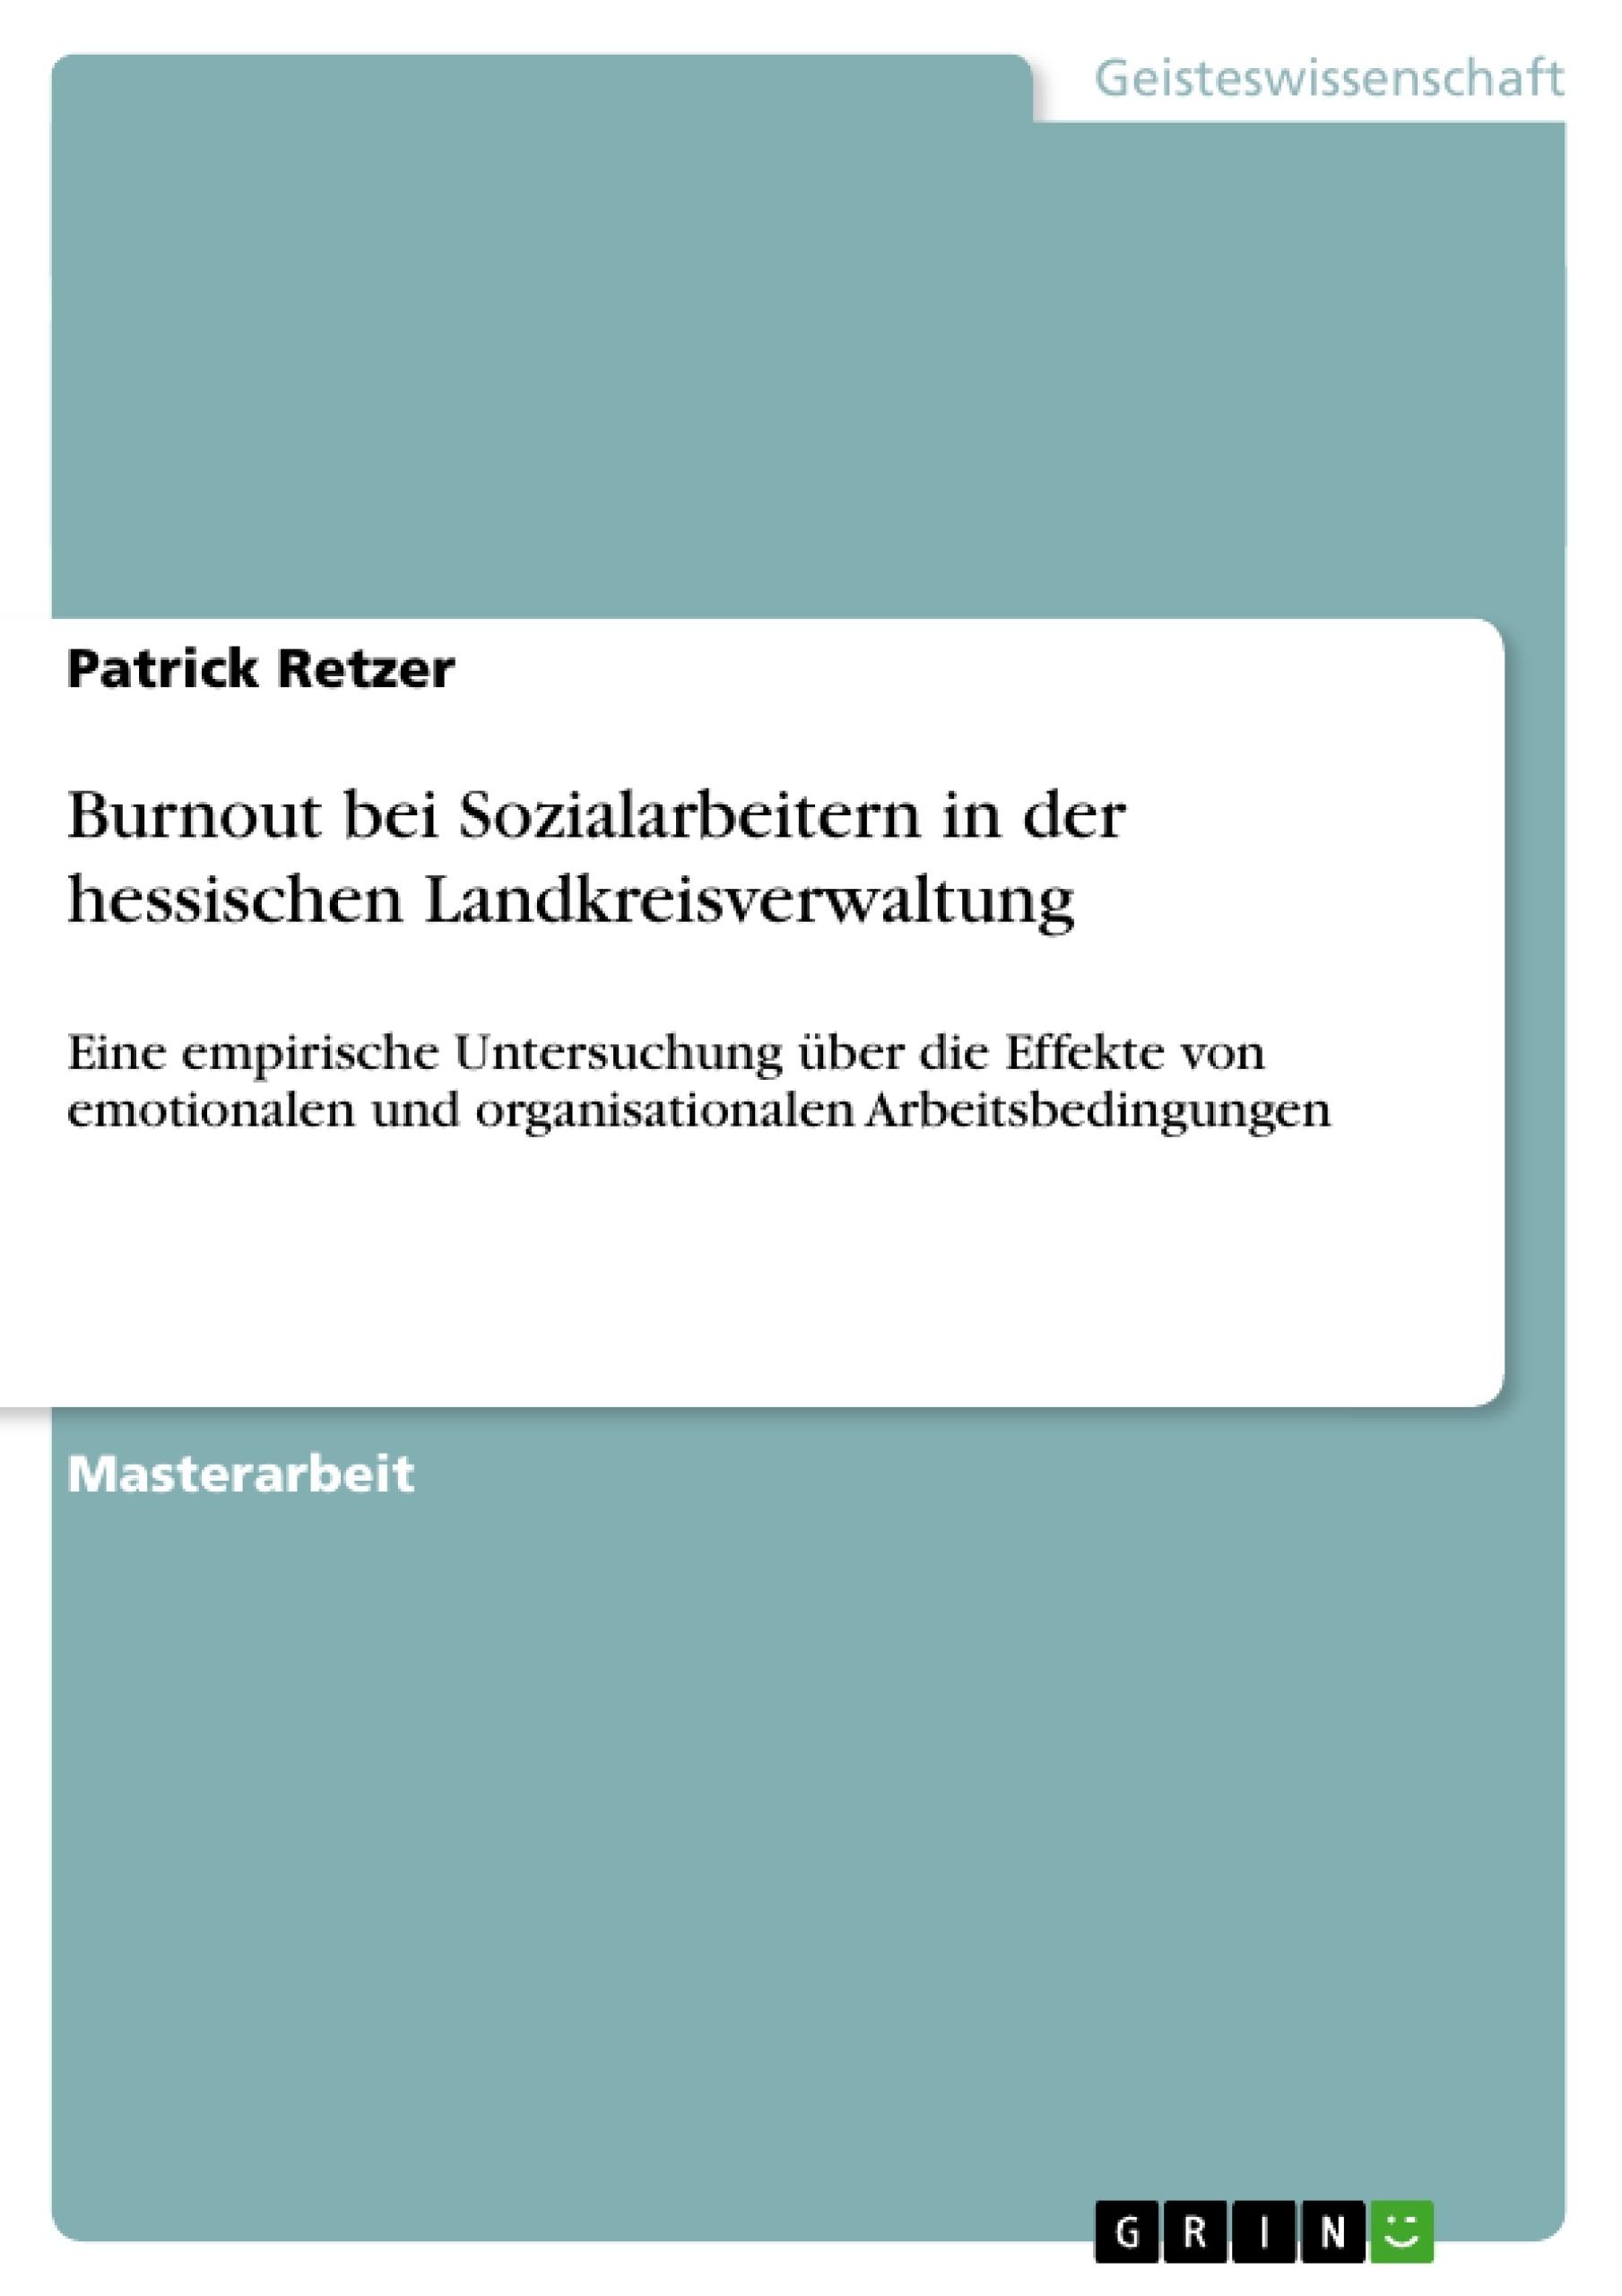 Titel: Burnout bei Sozialarbeitern in der hessischen Landkreisverwaltung